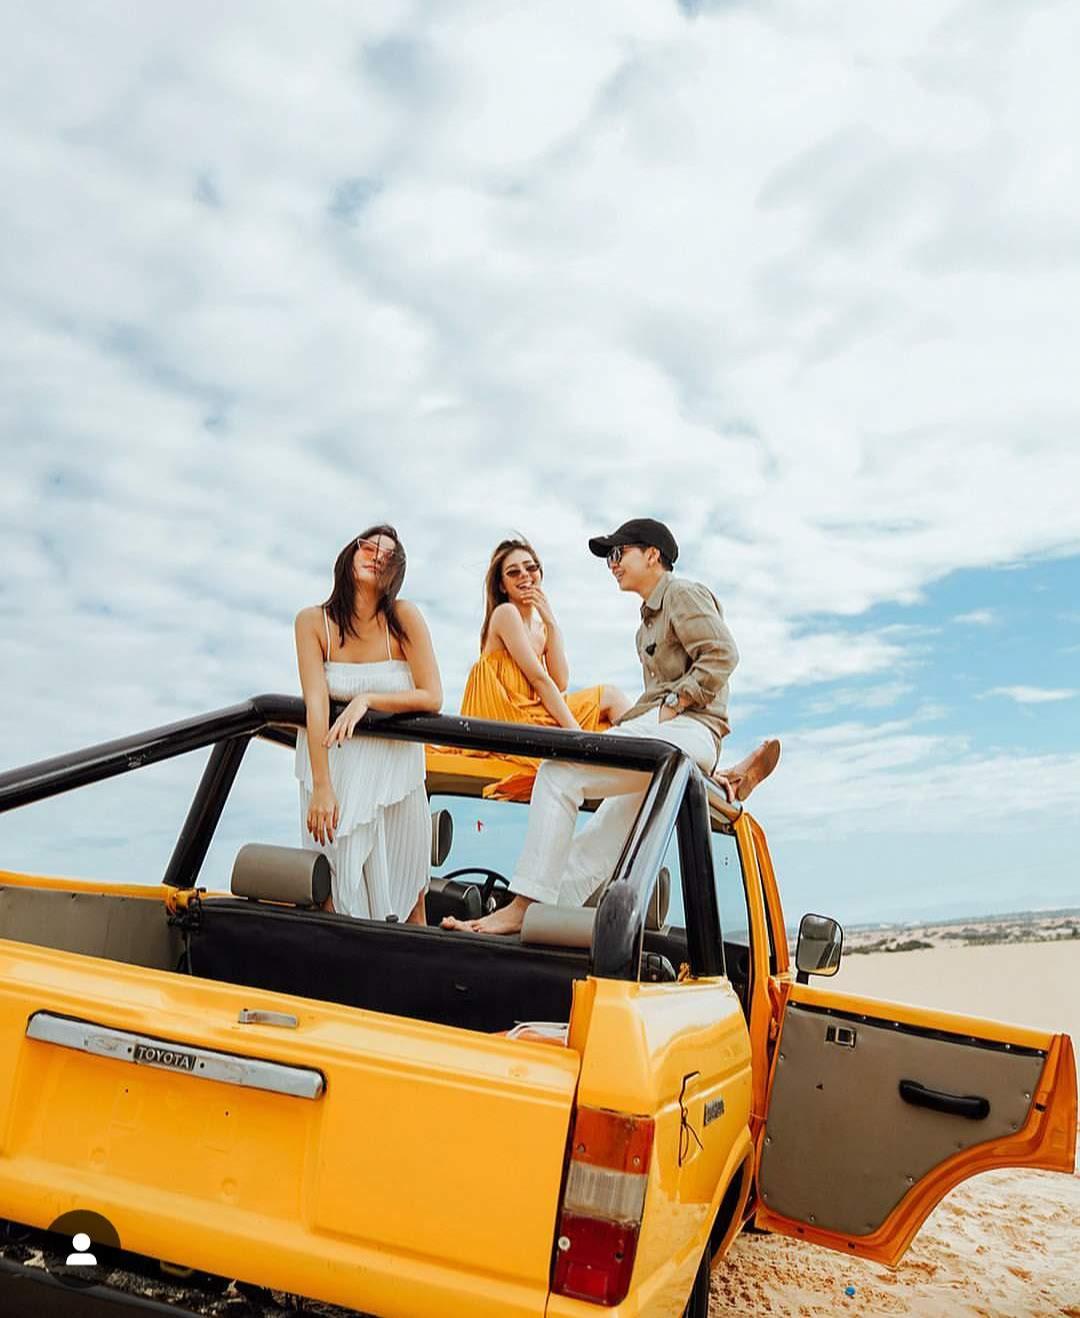 Tour xe Jeep ở mũi né cũng là lựa chọn thú vị